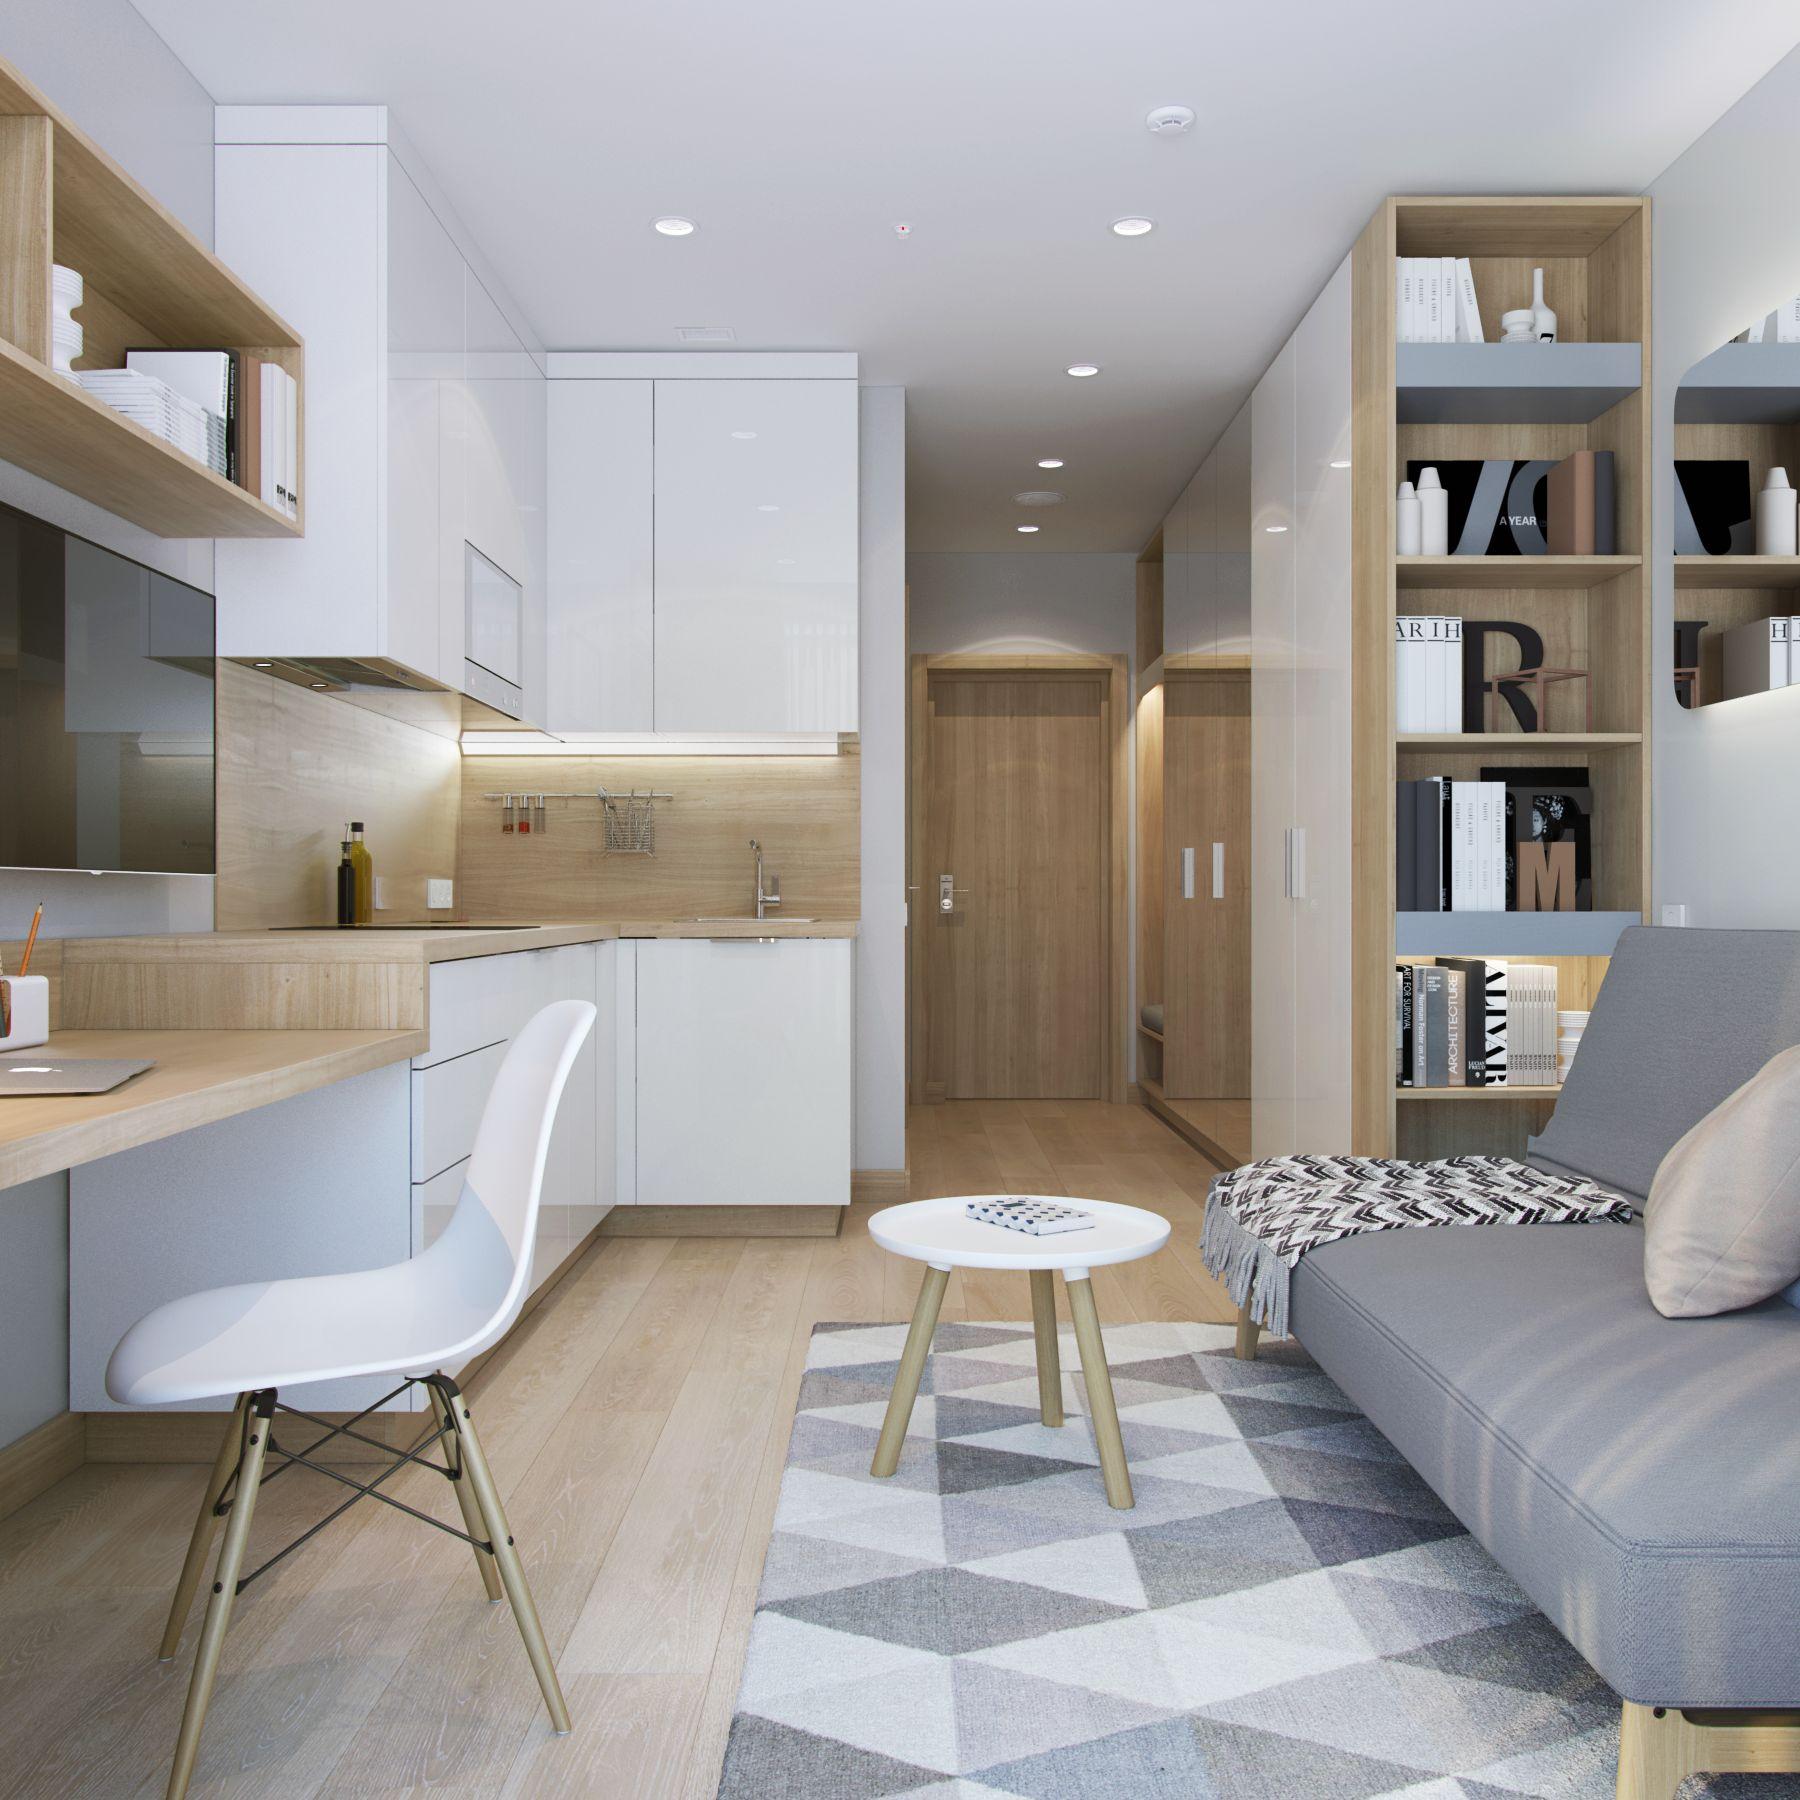 идеи для бюджетного обустройства небольших квартир фото 11